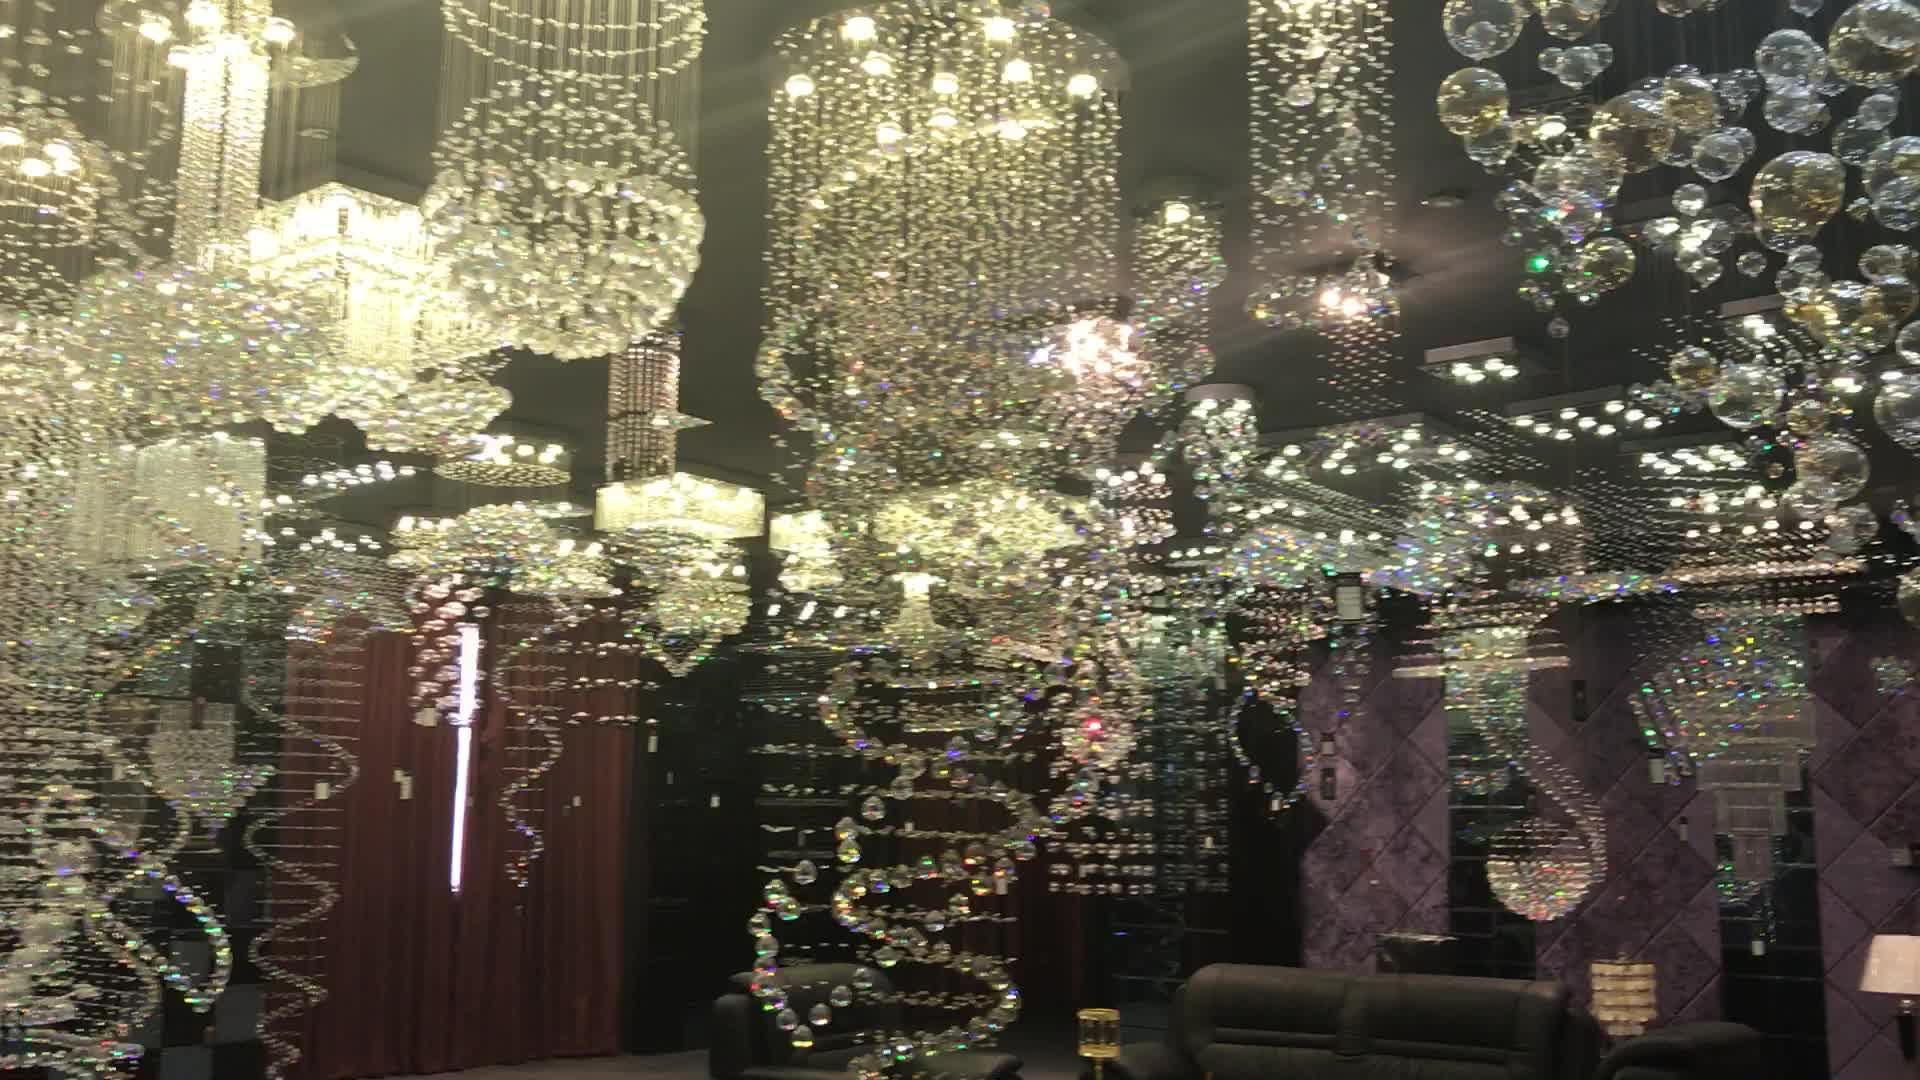 Verlichting armatuur moderne decoratieve led armaturen high power cealing verlichtingsarmaturen OM88459-500W